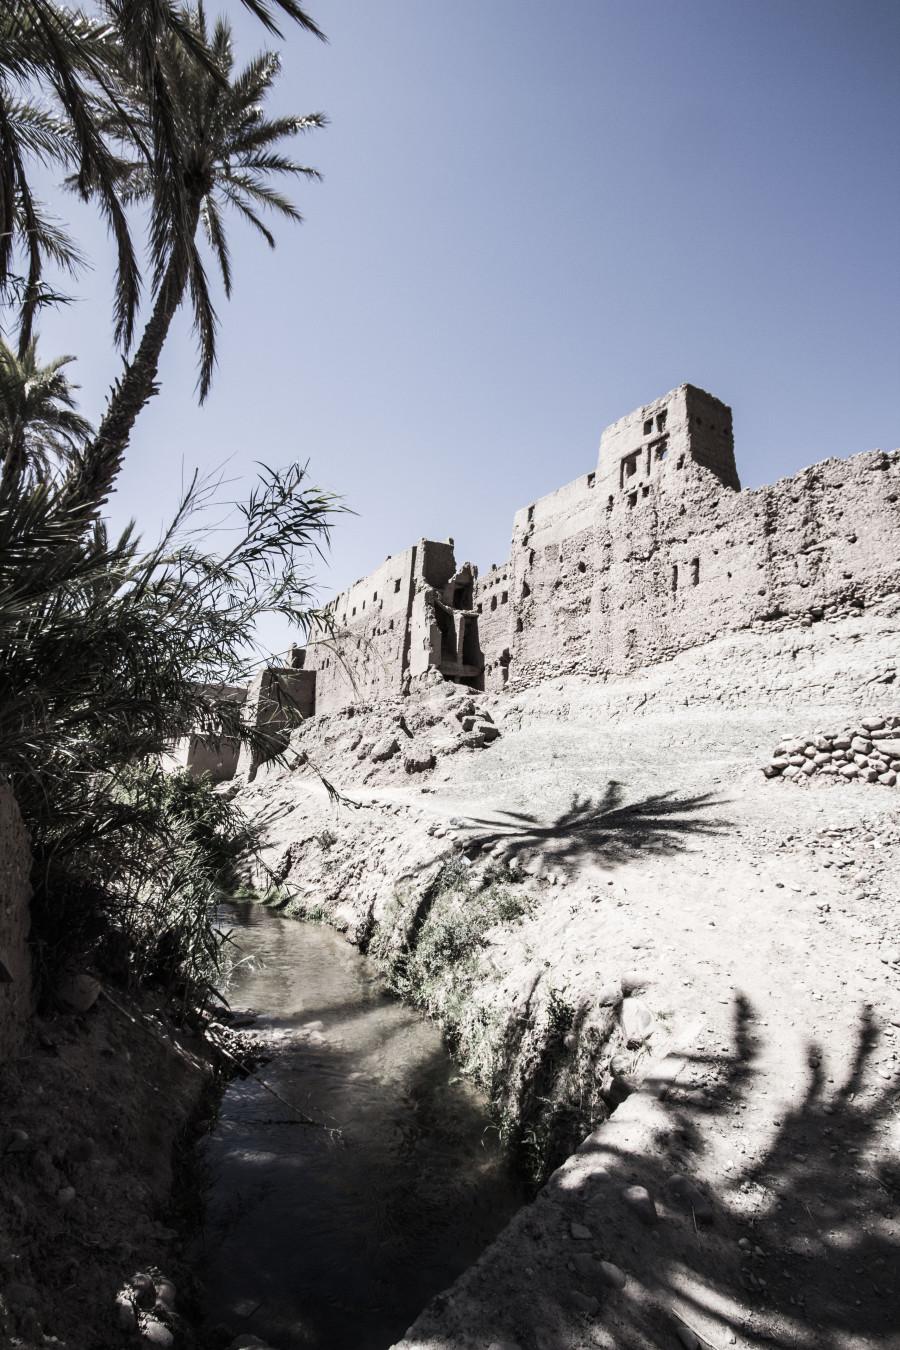 arquitectura de tierra en Marruecos_María Jesús Mora_Arquitecto_fotógrafo Alicante_37